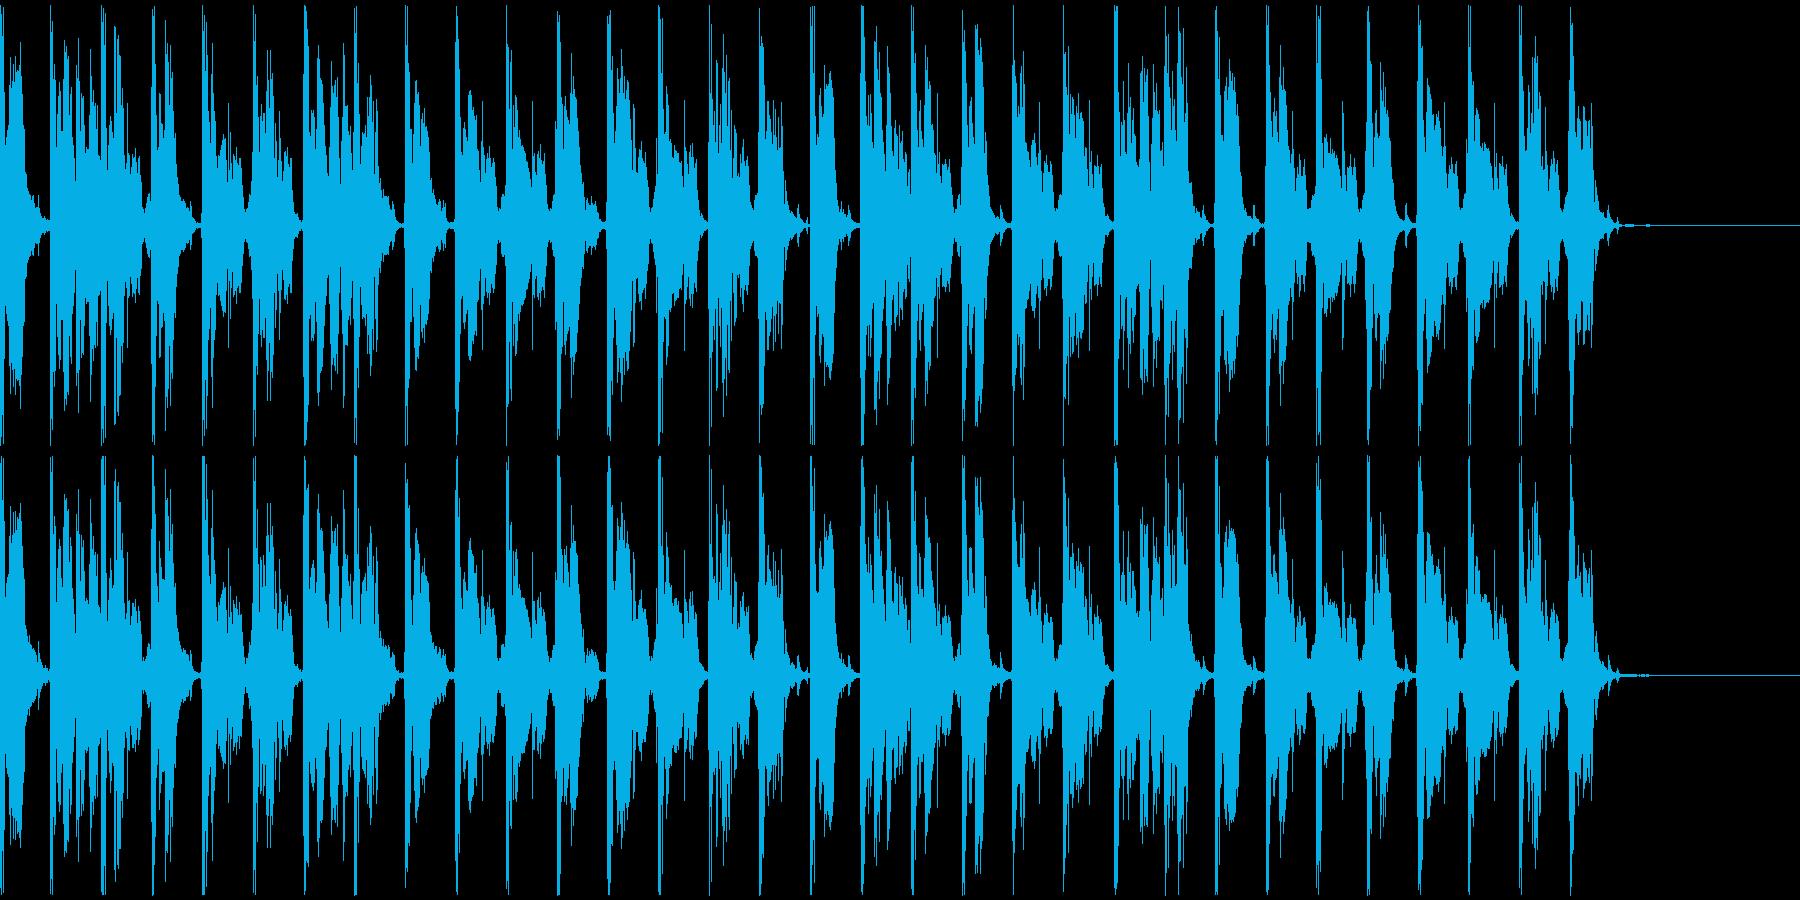 【エレクトロニカ】ロング5、ショート4の再生済みの波形